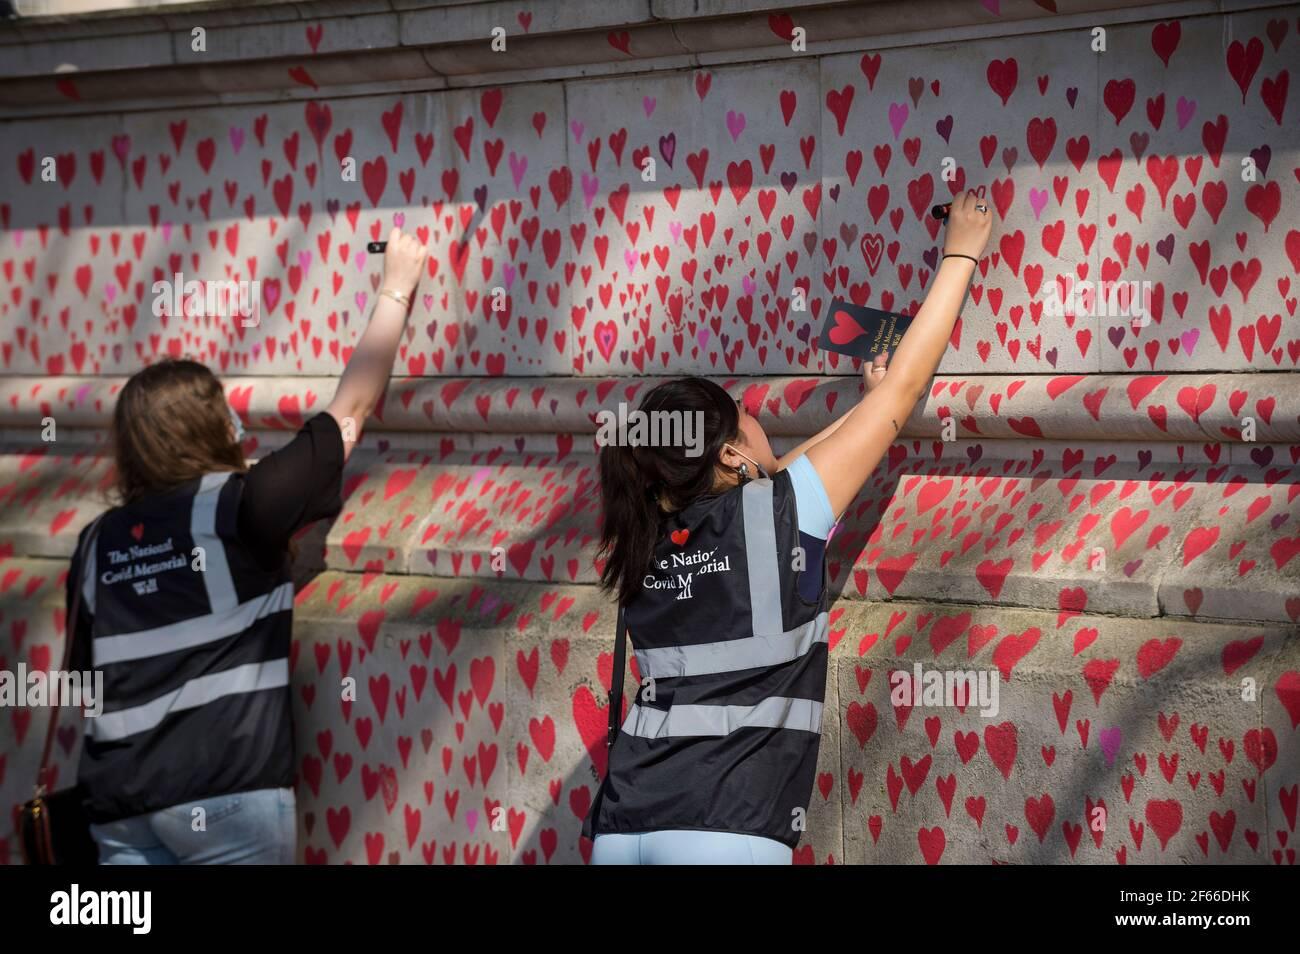 Londres, Royaume-Uni. 30 mars 2021. Les volontaires tirent les coeurs sur un mur à Lambeth, près de la Tamise, chaque coeur représentant quelqu'un qui est décédé pendant la pandémie de coronavirus au Royaume-Uni. Appelé le mur commémoratif national Covid, il a été créé par les familles bereaved Covid-19 pour la justice et s'étendra sur un demi-mile au moment où il sera terminé. Crédit : Stephen Chung/Alay Live News Banque D'Images